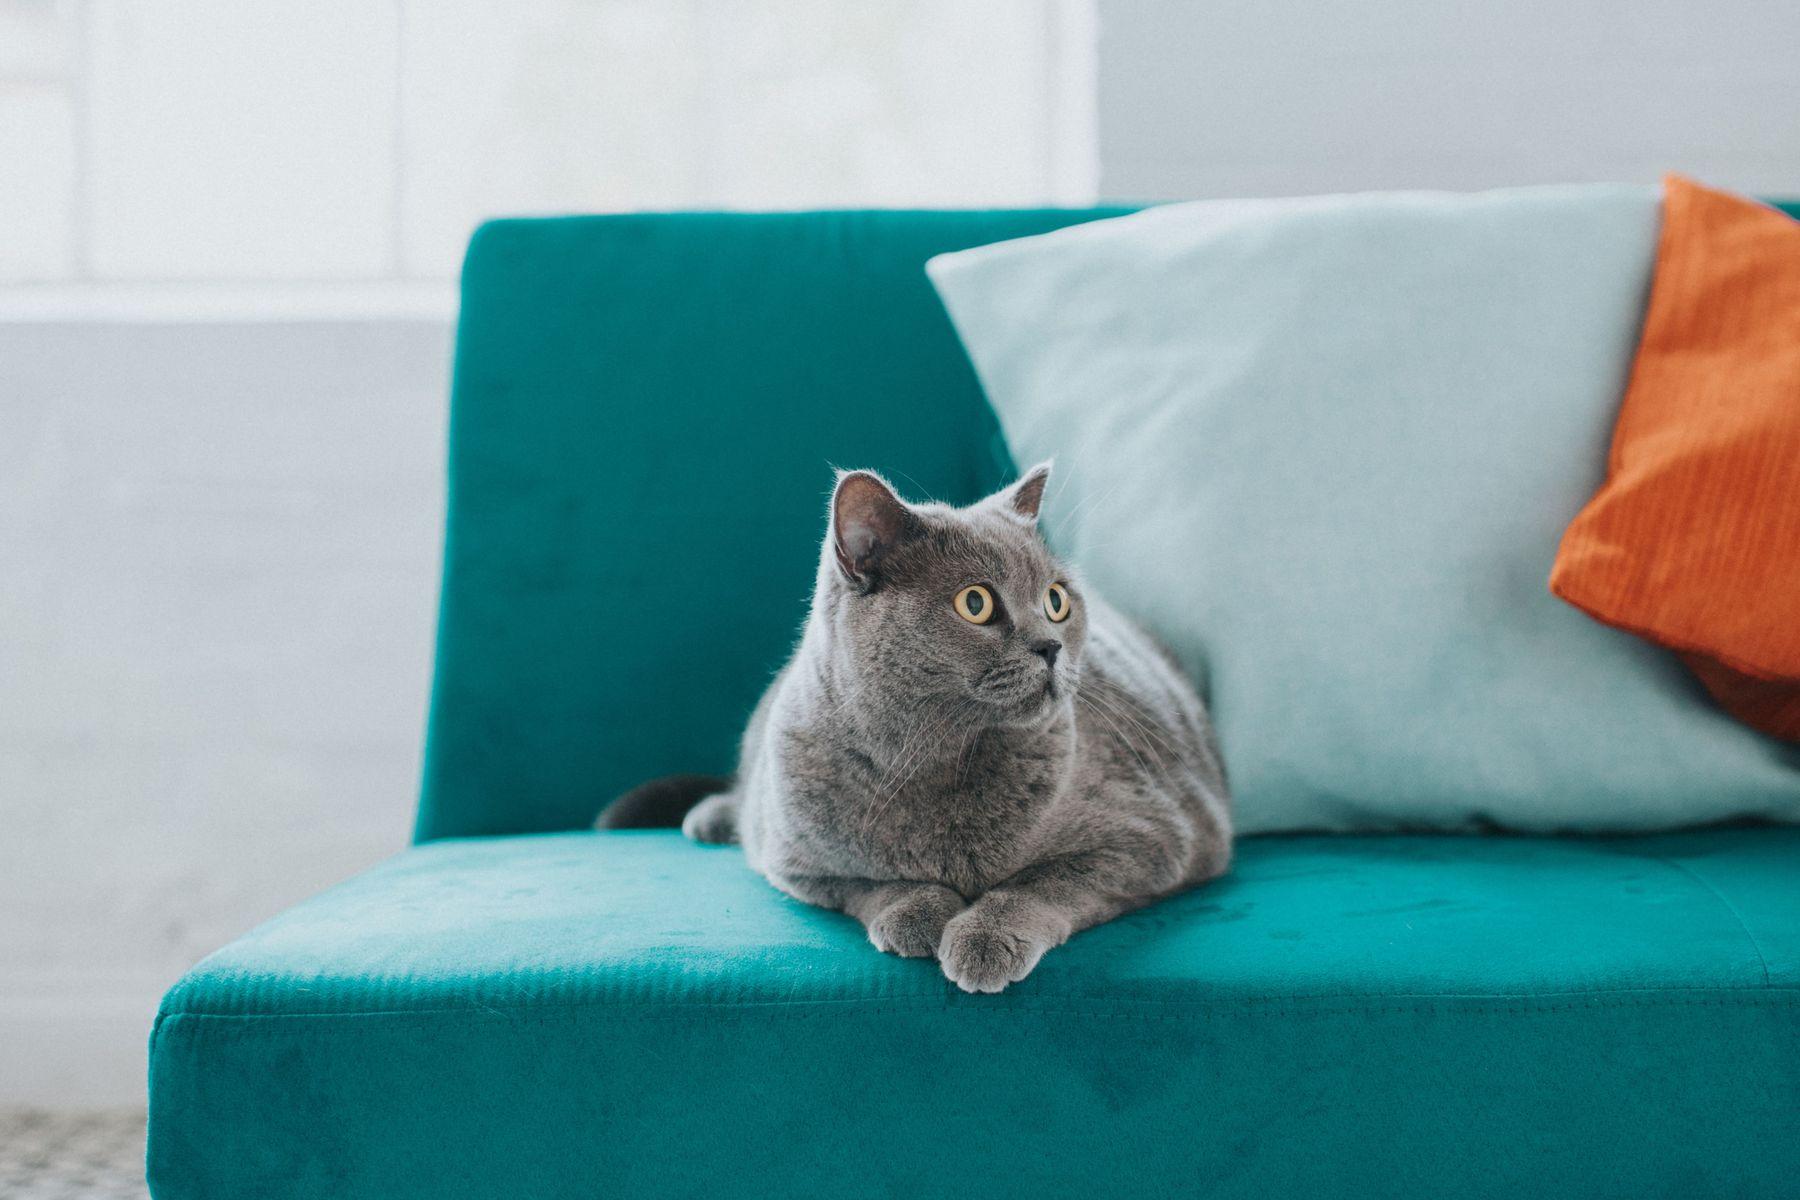 chat gris et coussins verts et orange sur le canapé bleu